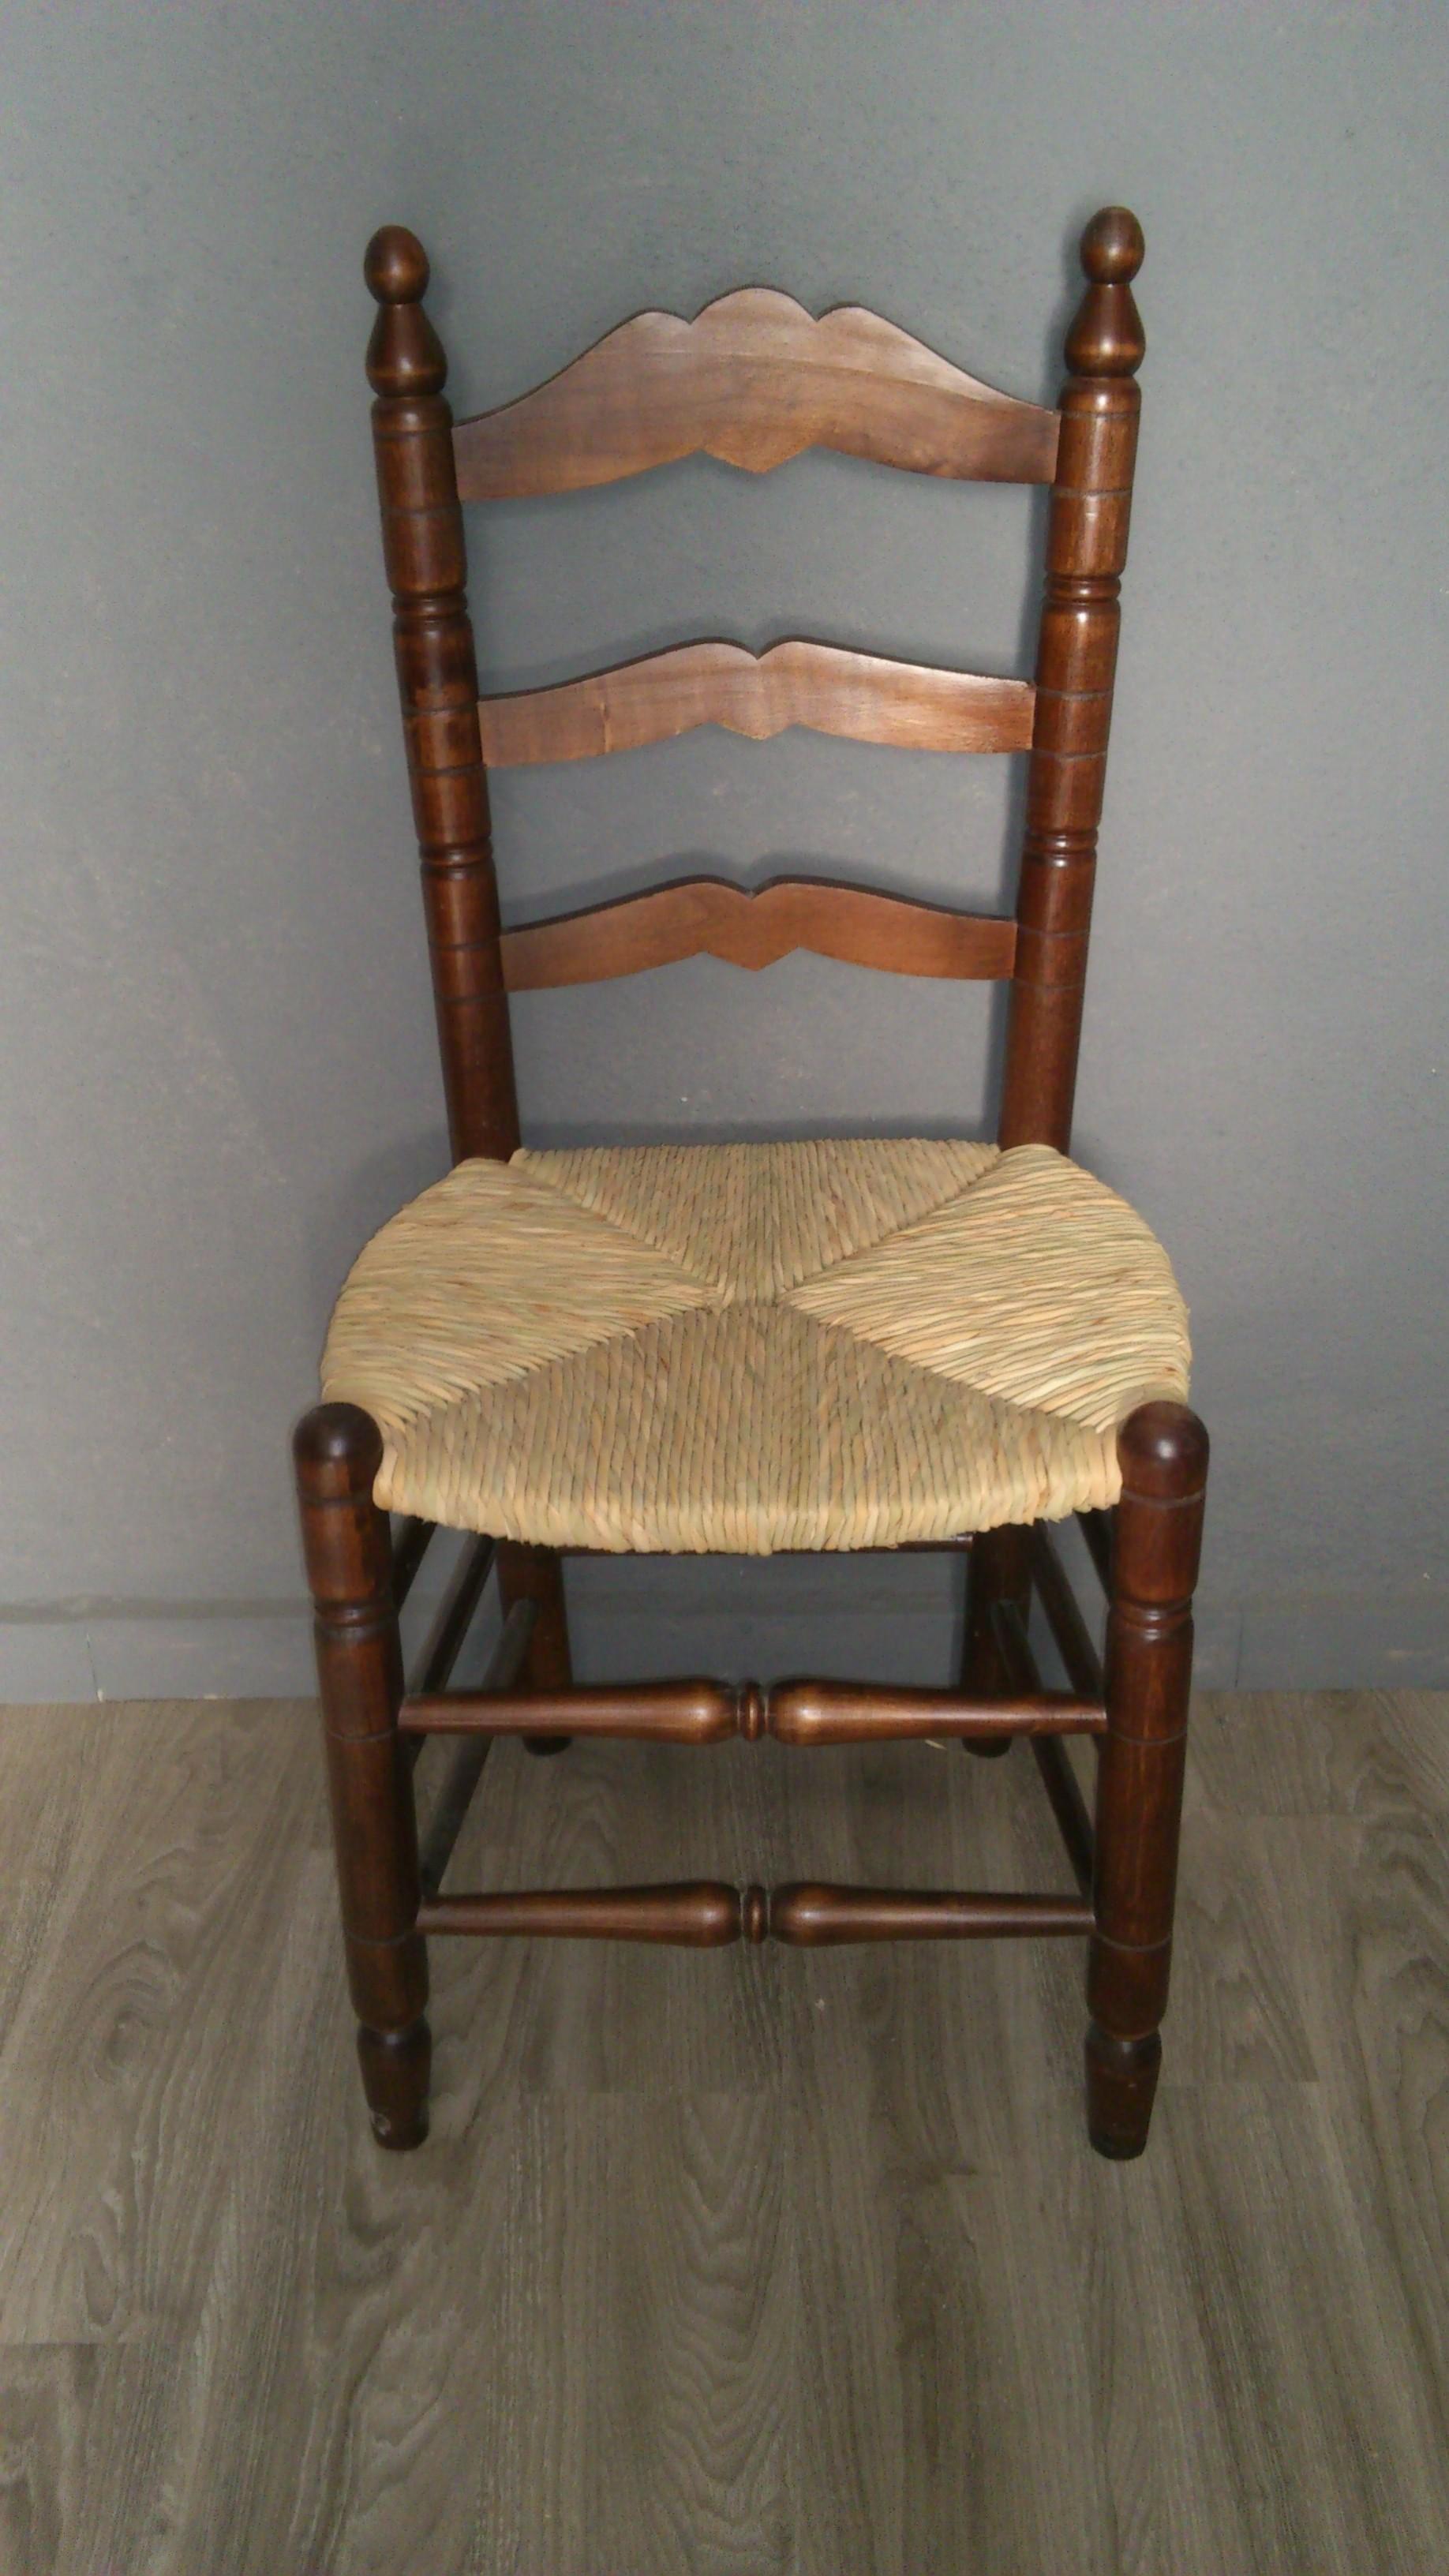 Sillas de comedor modelo colonial asiento hecho a mano - Sillas estilo colonial ...